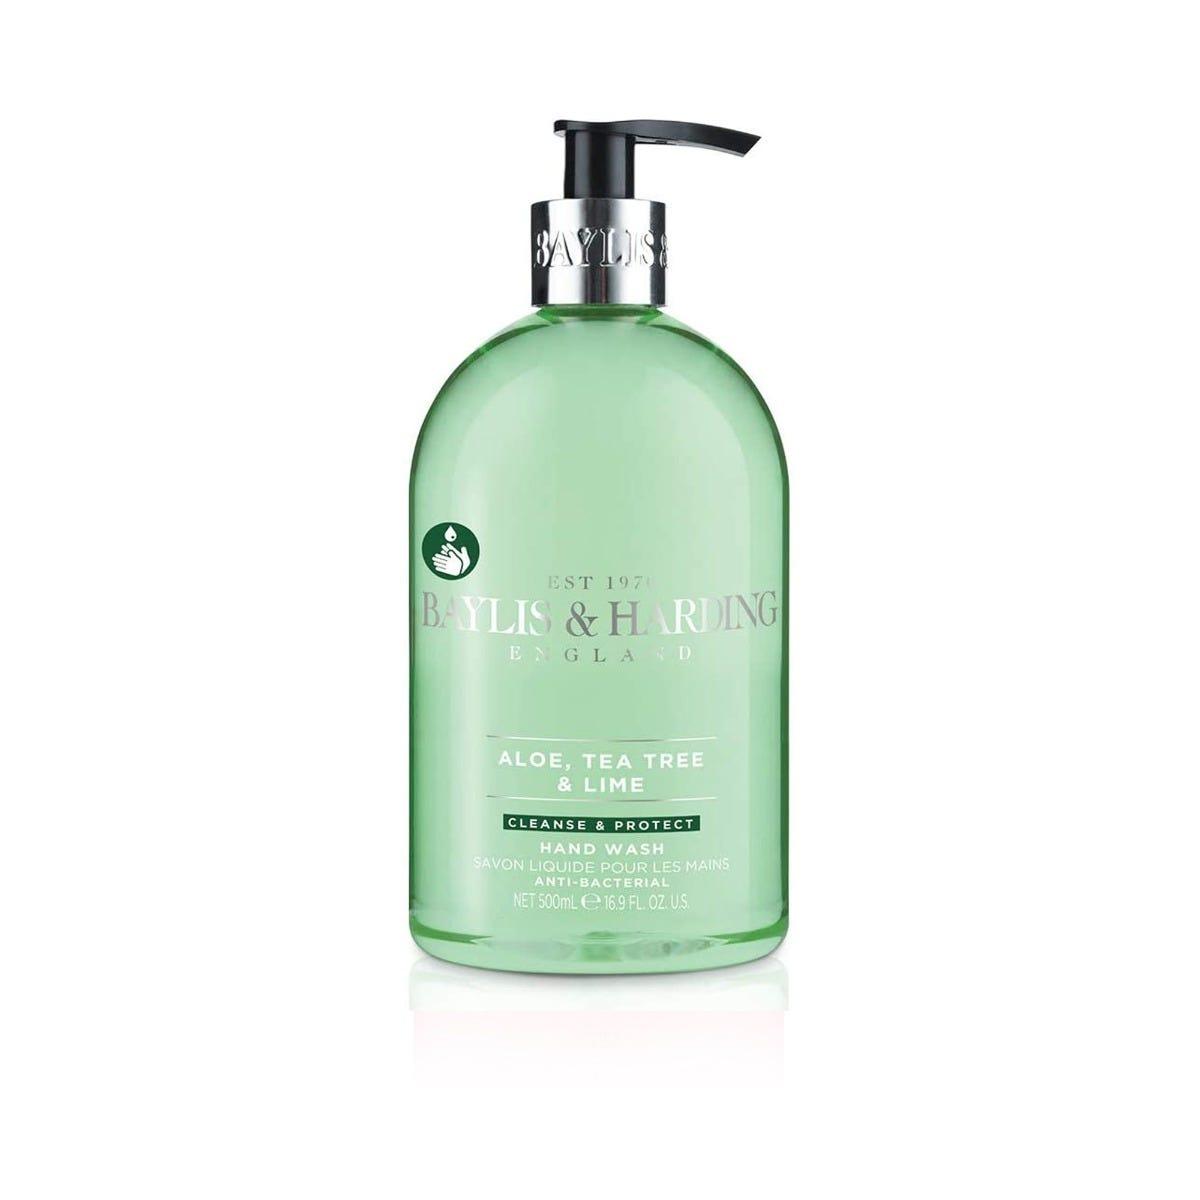 Jabón para manos Baylis & Harding® aroma áloe vera y cítricos